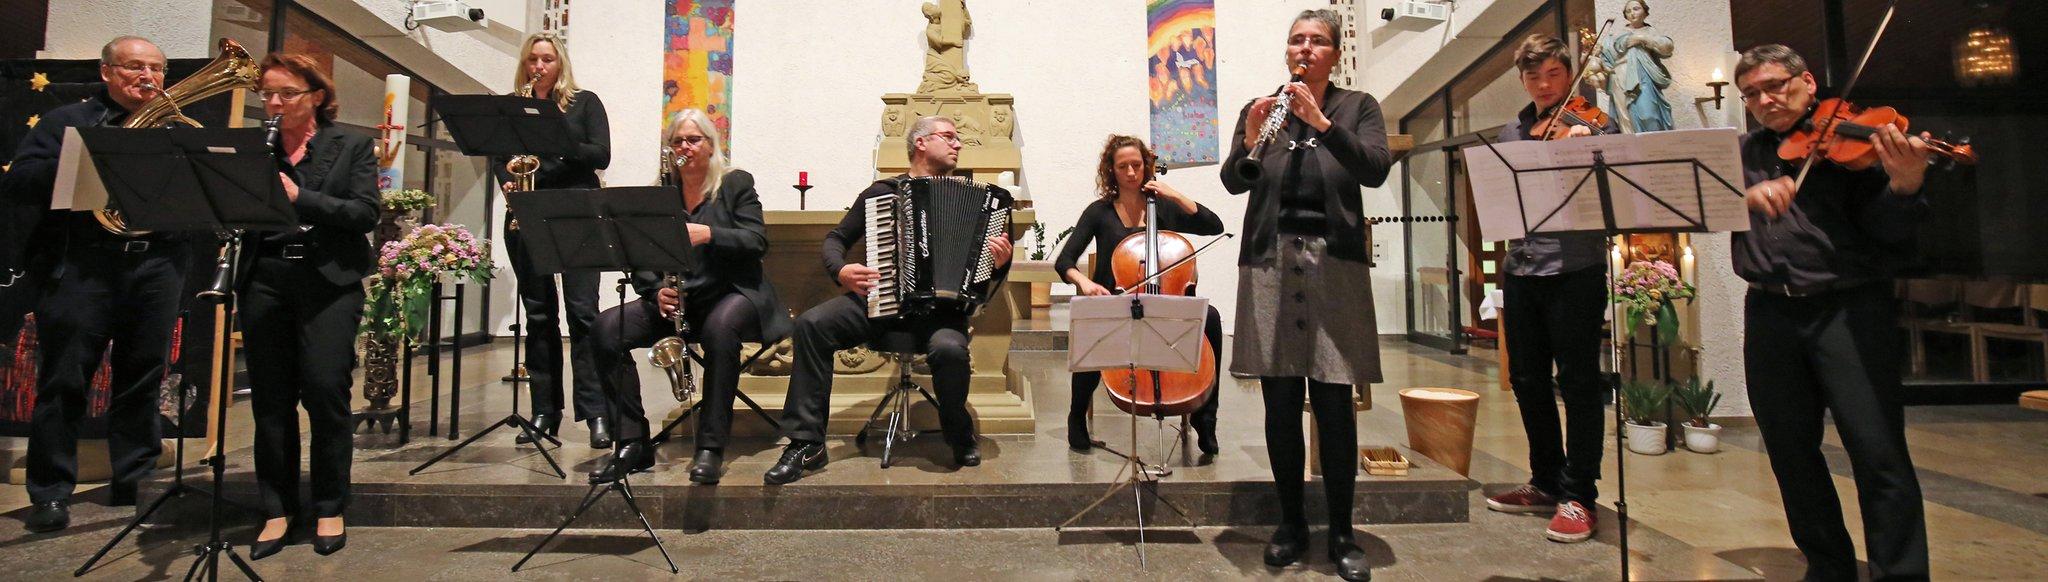 Jüdische Kirchenmusik des 21. Jahrhunderts im Dialog mit Klezmer